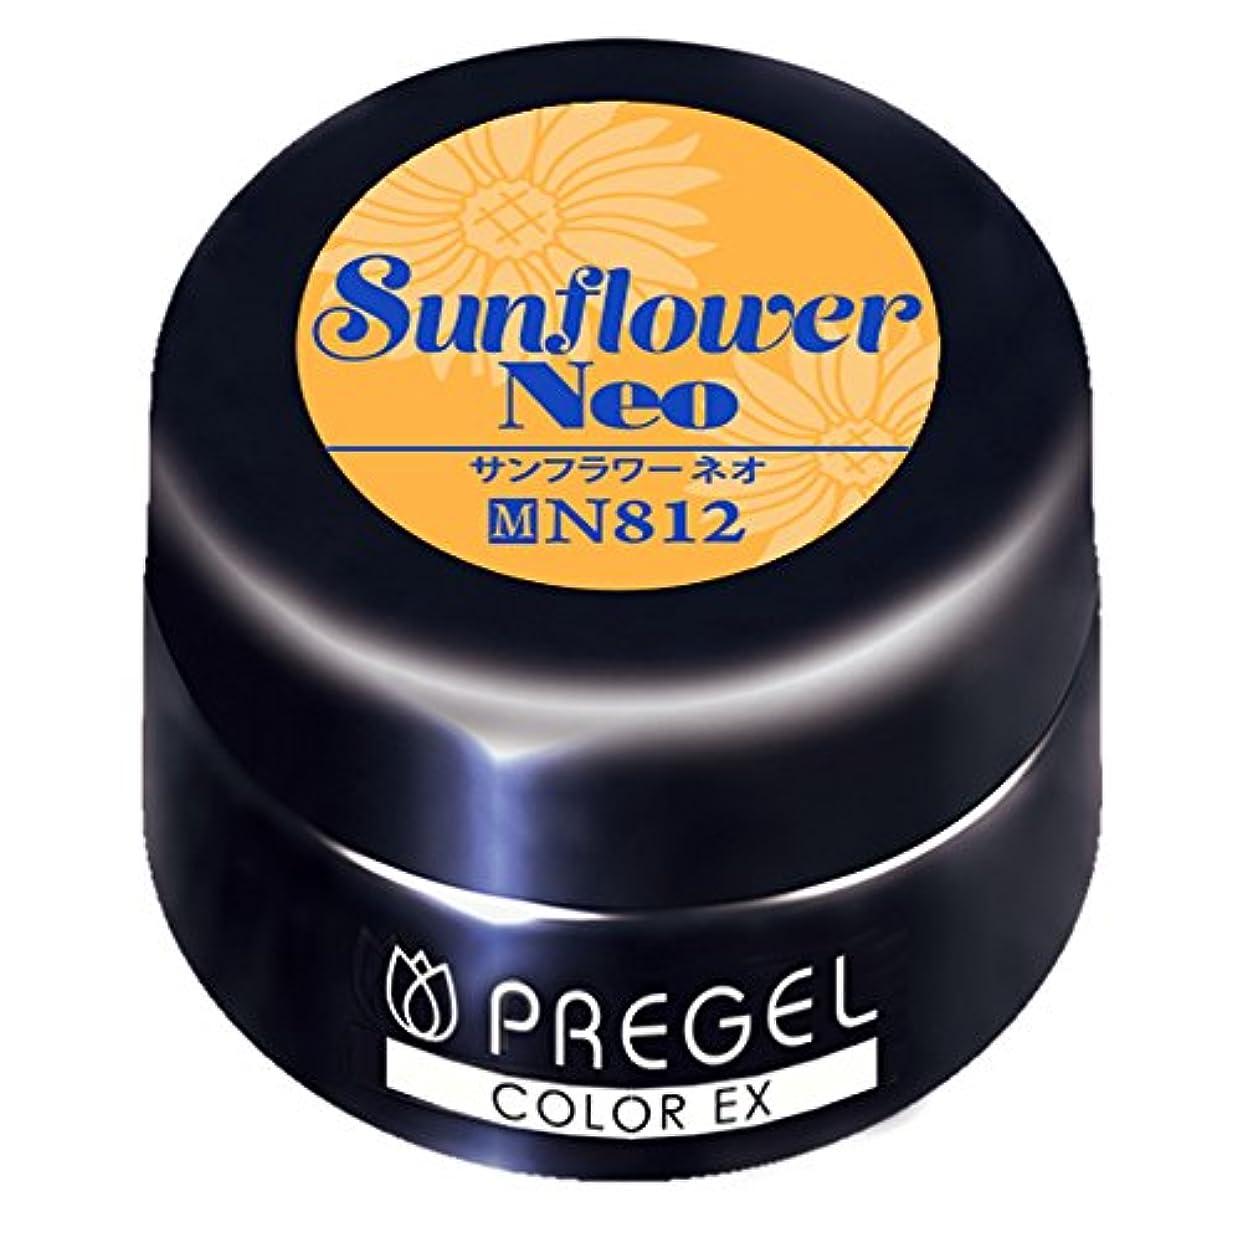 伝記ピーク市民権PRE GEL カラーEX サンフラワーneo812 3g UV/LED対応